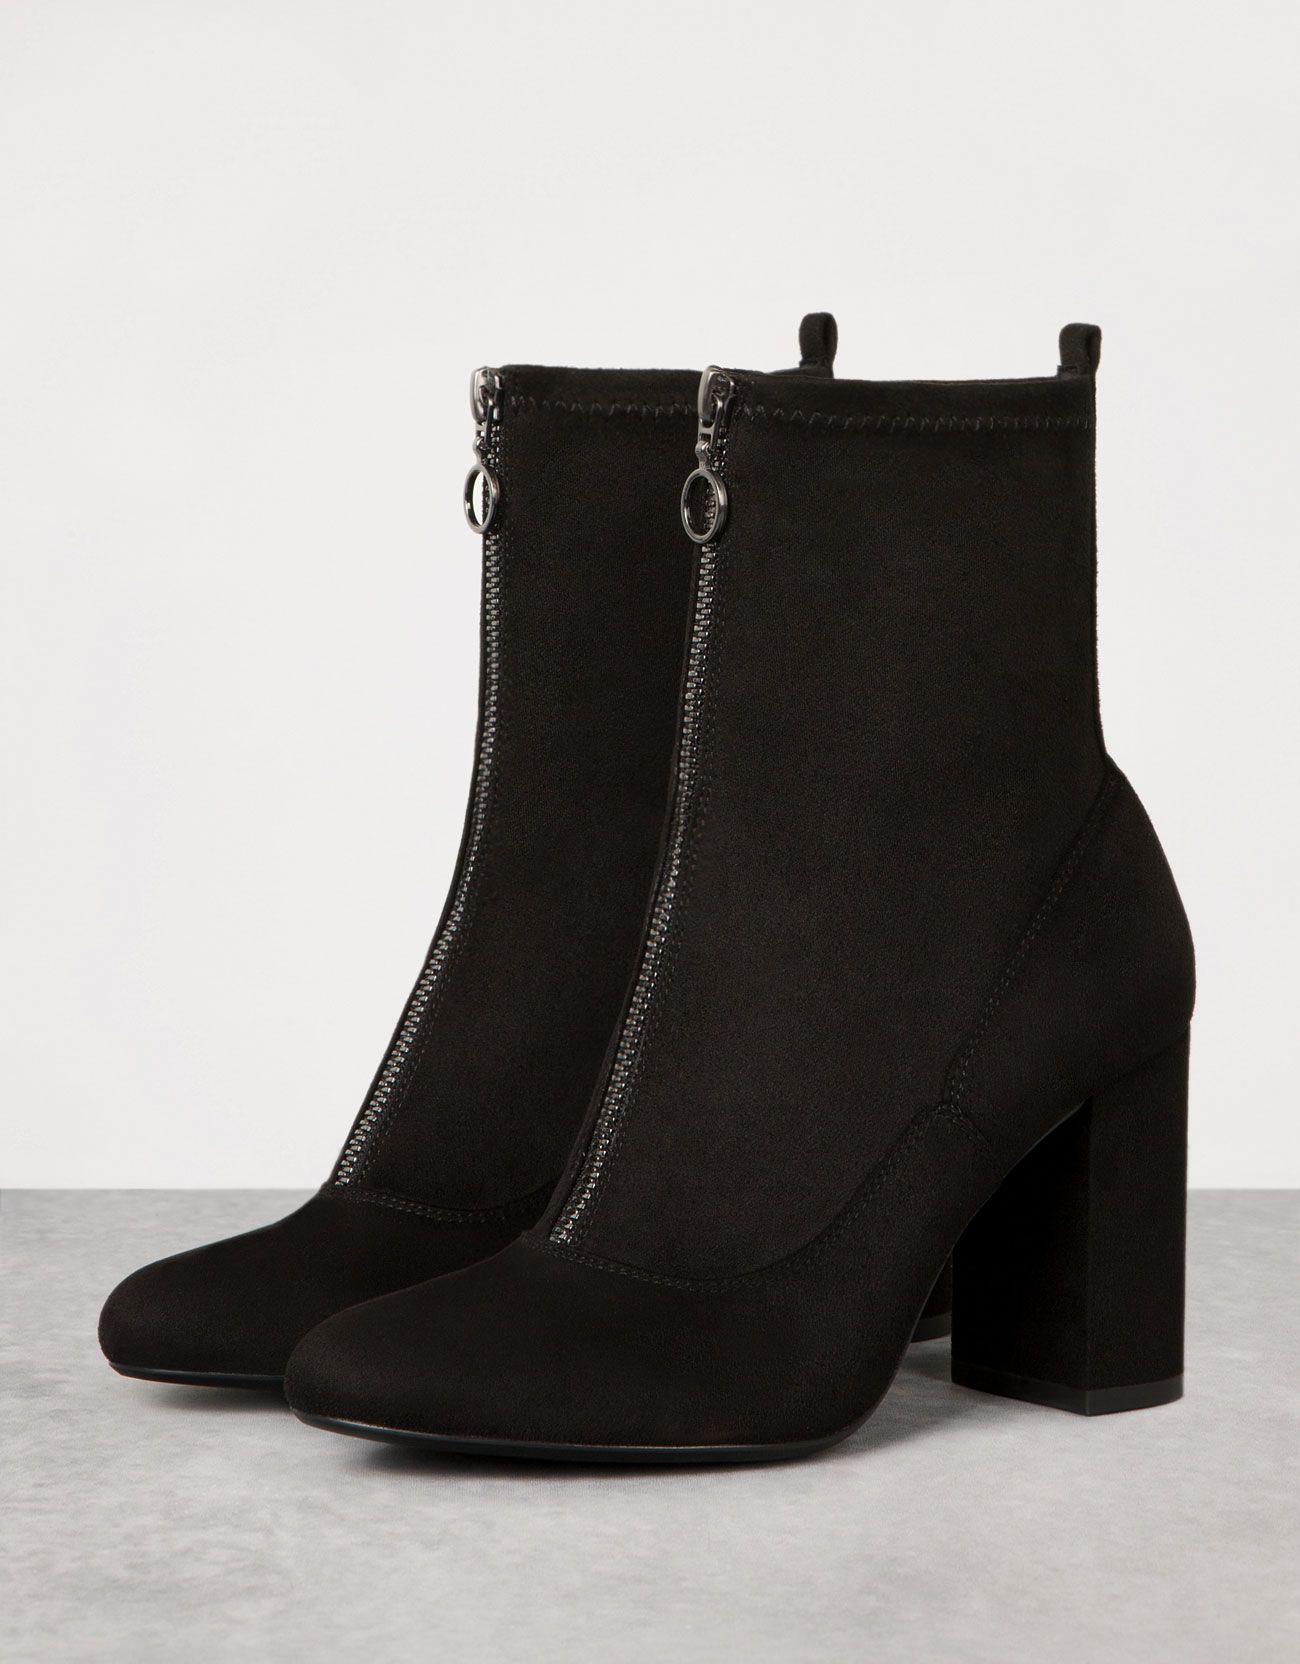 Chaussures automne à bout rond à fermeture éclair noires